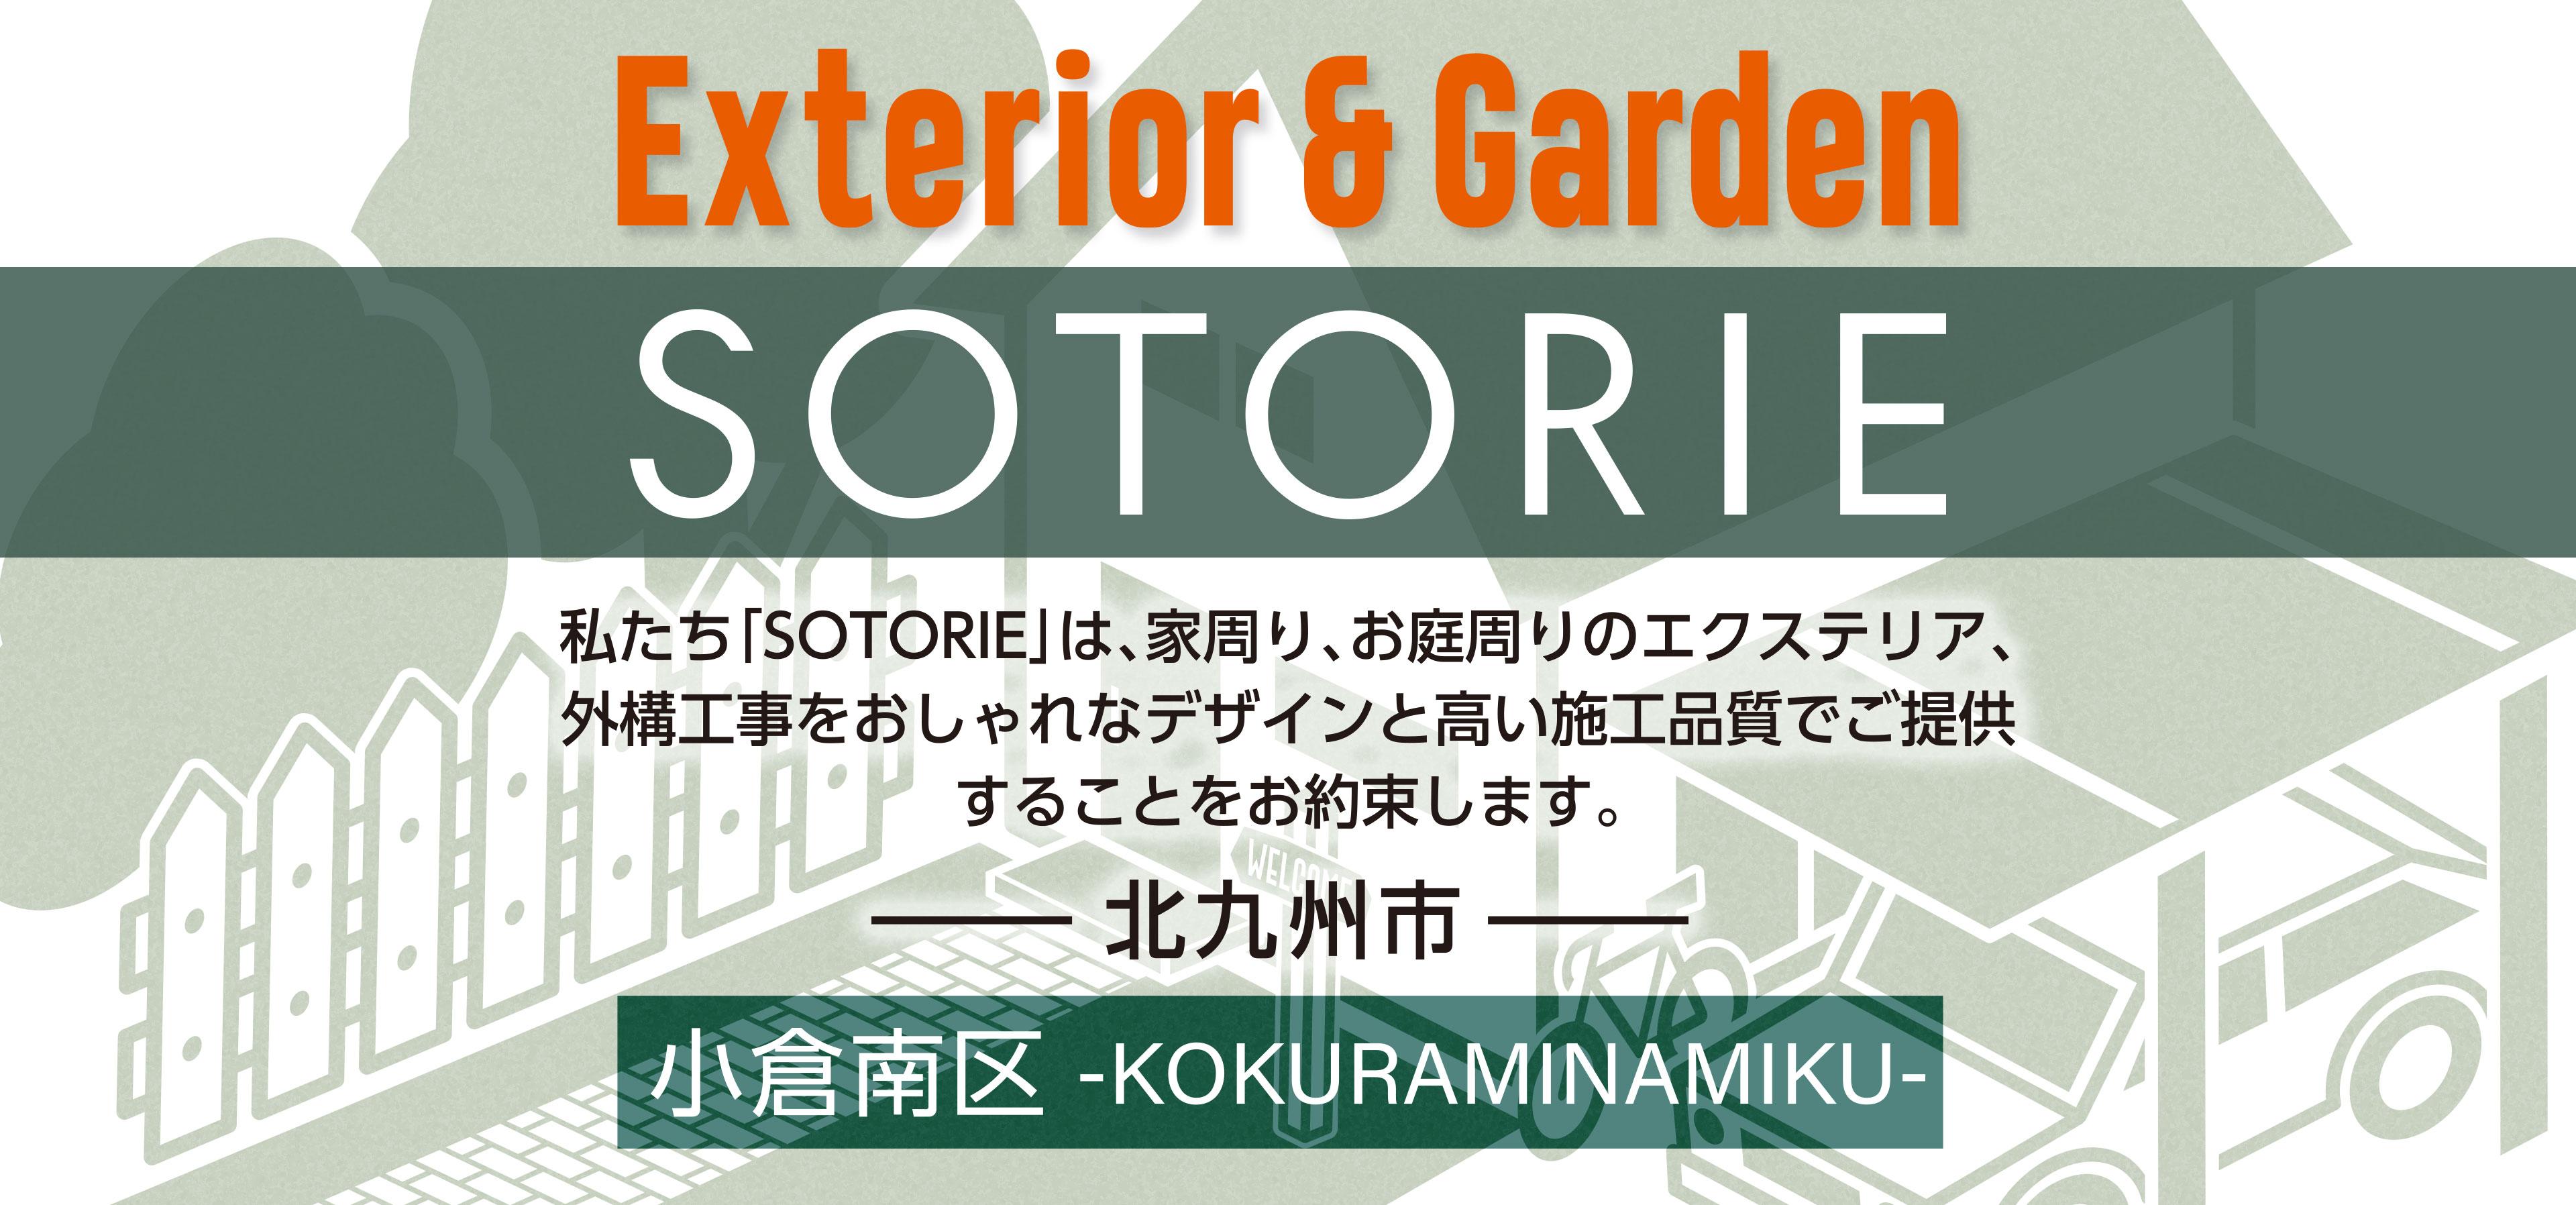 ソトリエ北九州市小倉南区では、家周りと庭周りの外構、エクステリア工事をおしゃれなデザインと高い施工品質でご提供することをお約束します。